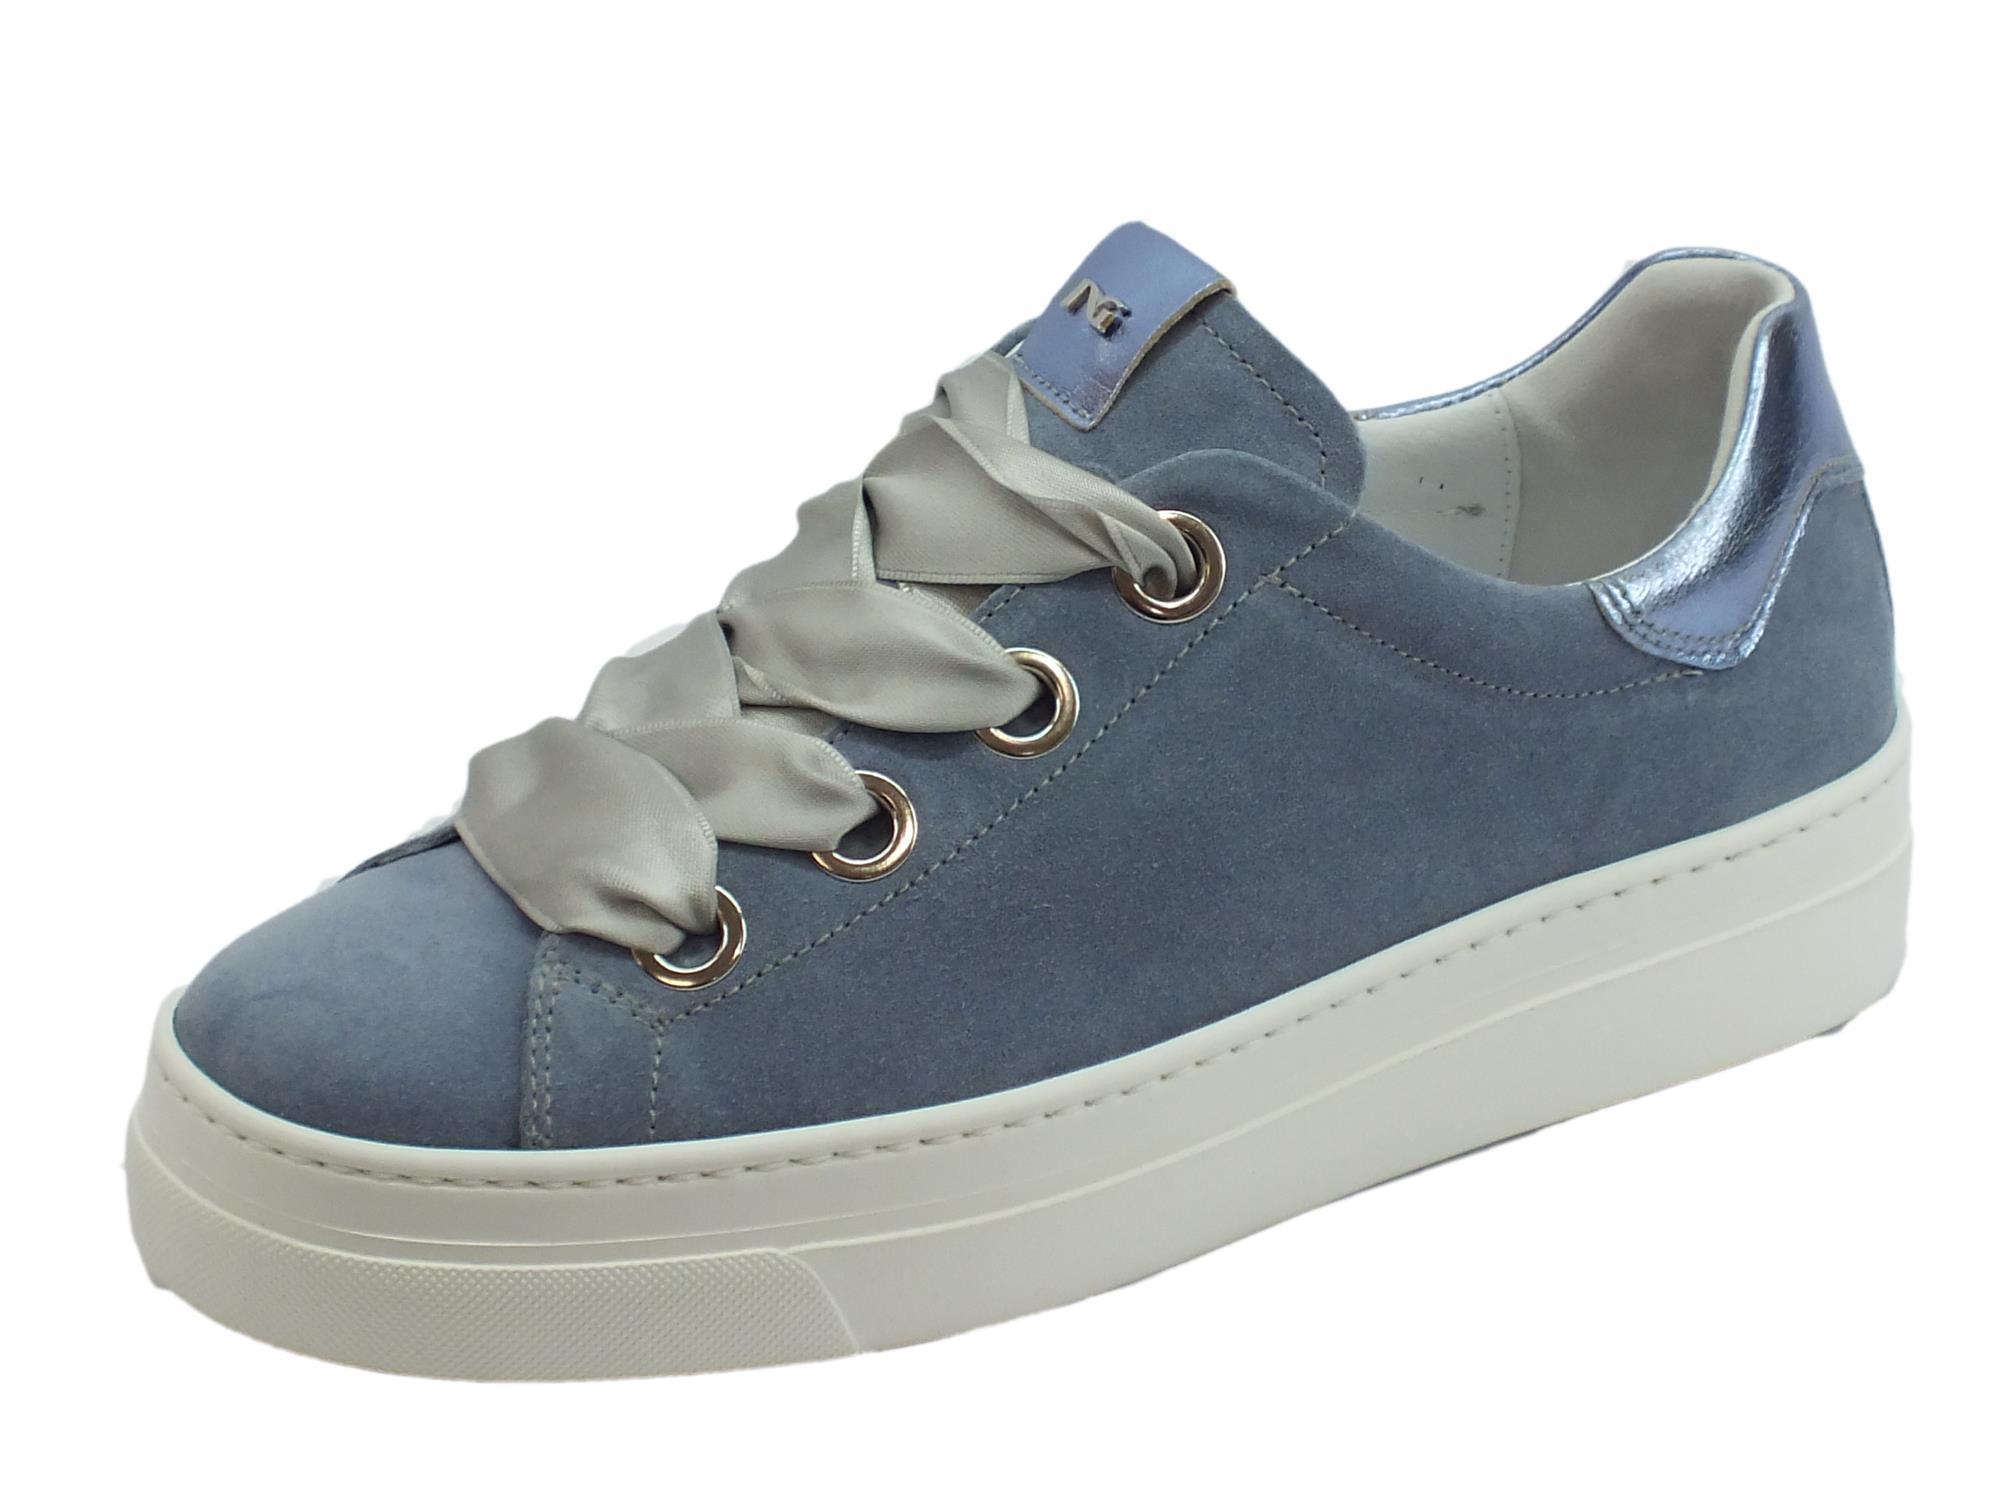 5253705c0b Sneakers basse NeroGiardini per donna in camoscio colore stella lacci in  raso